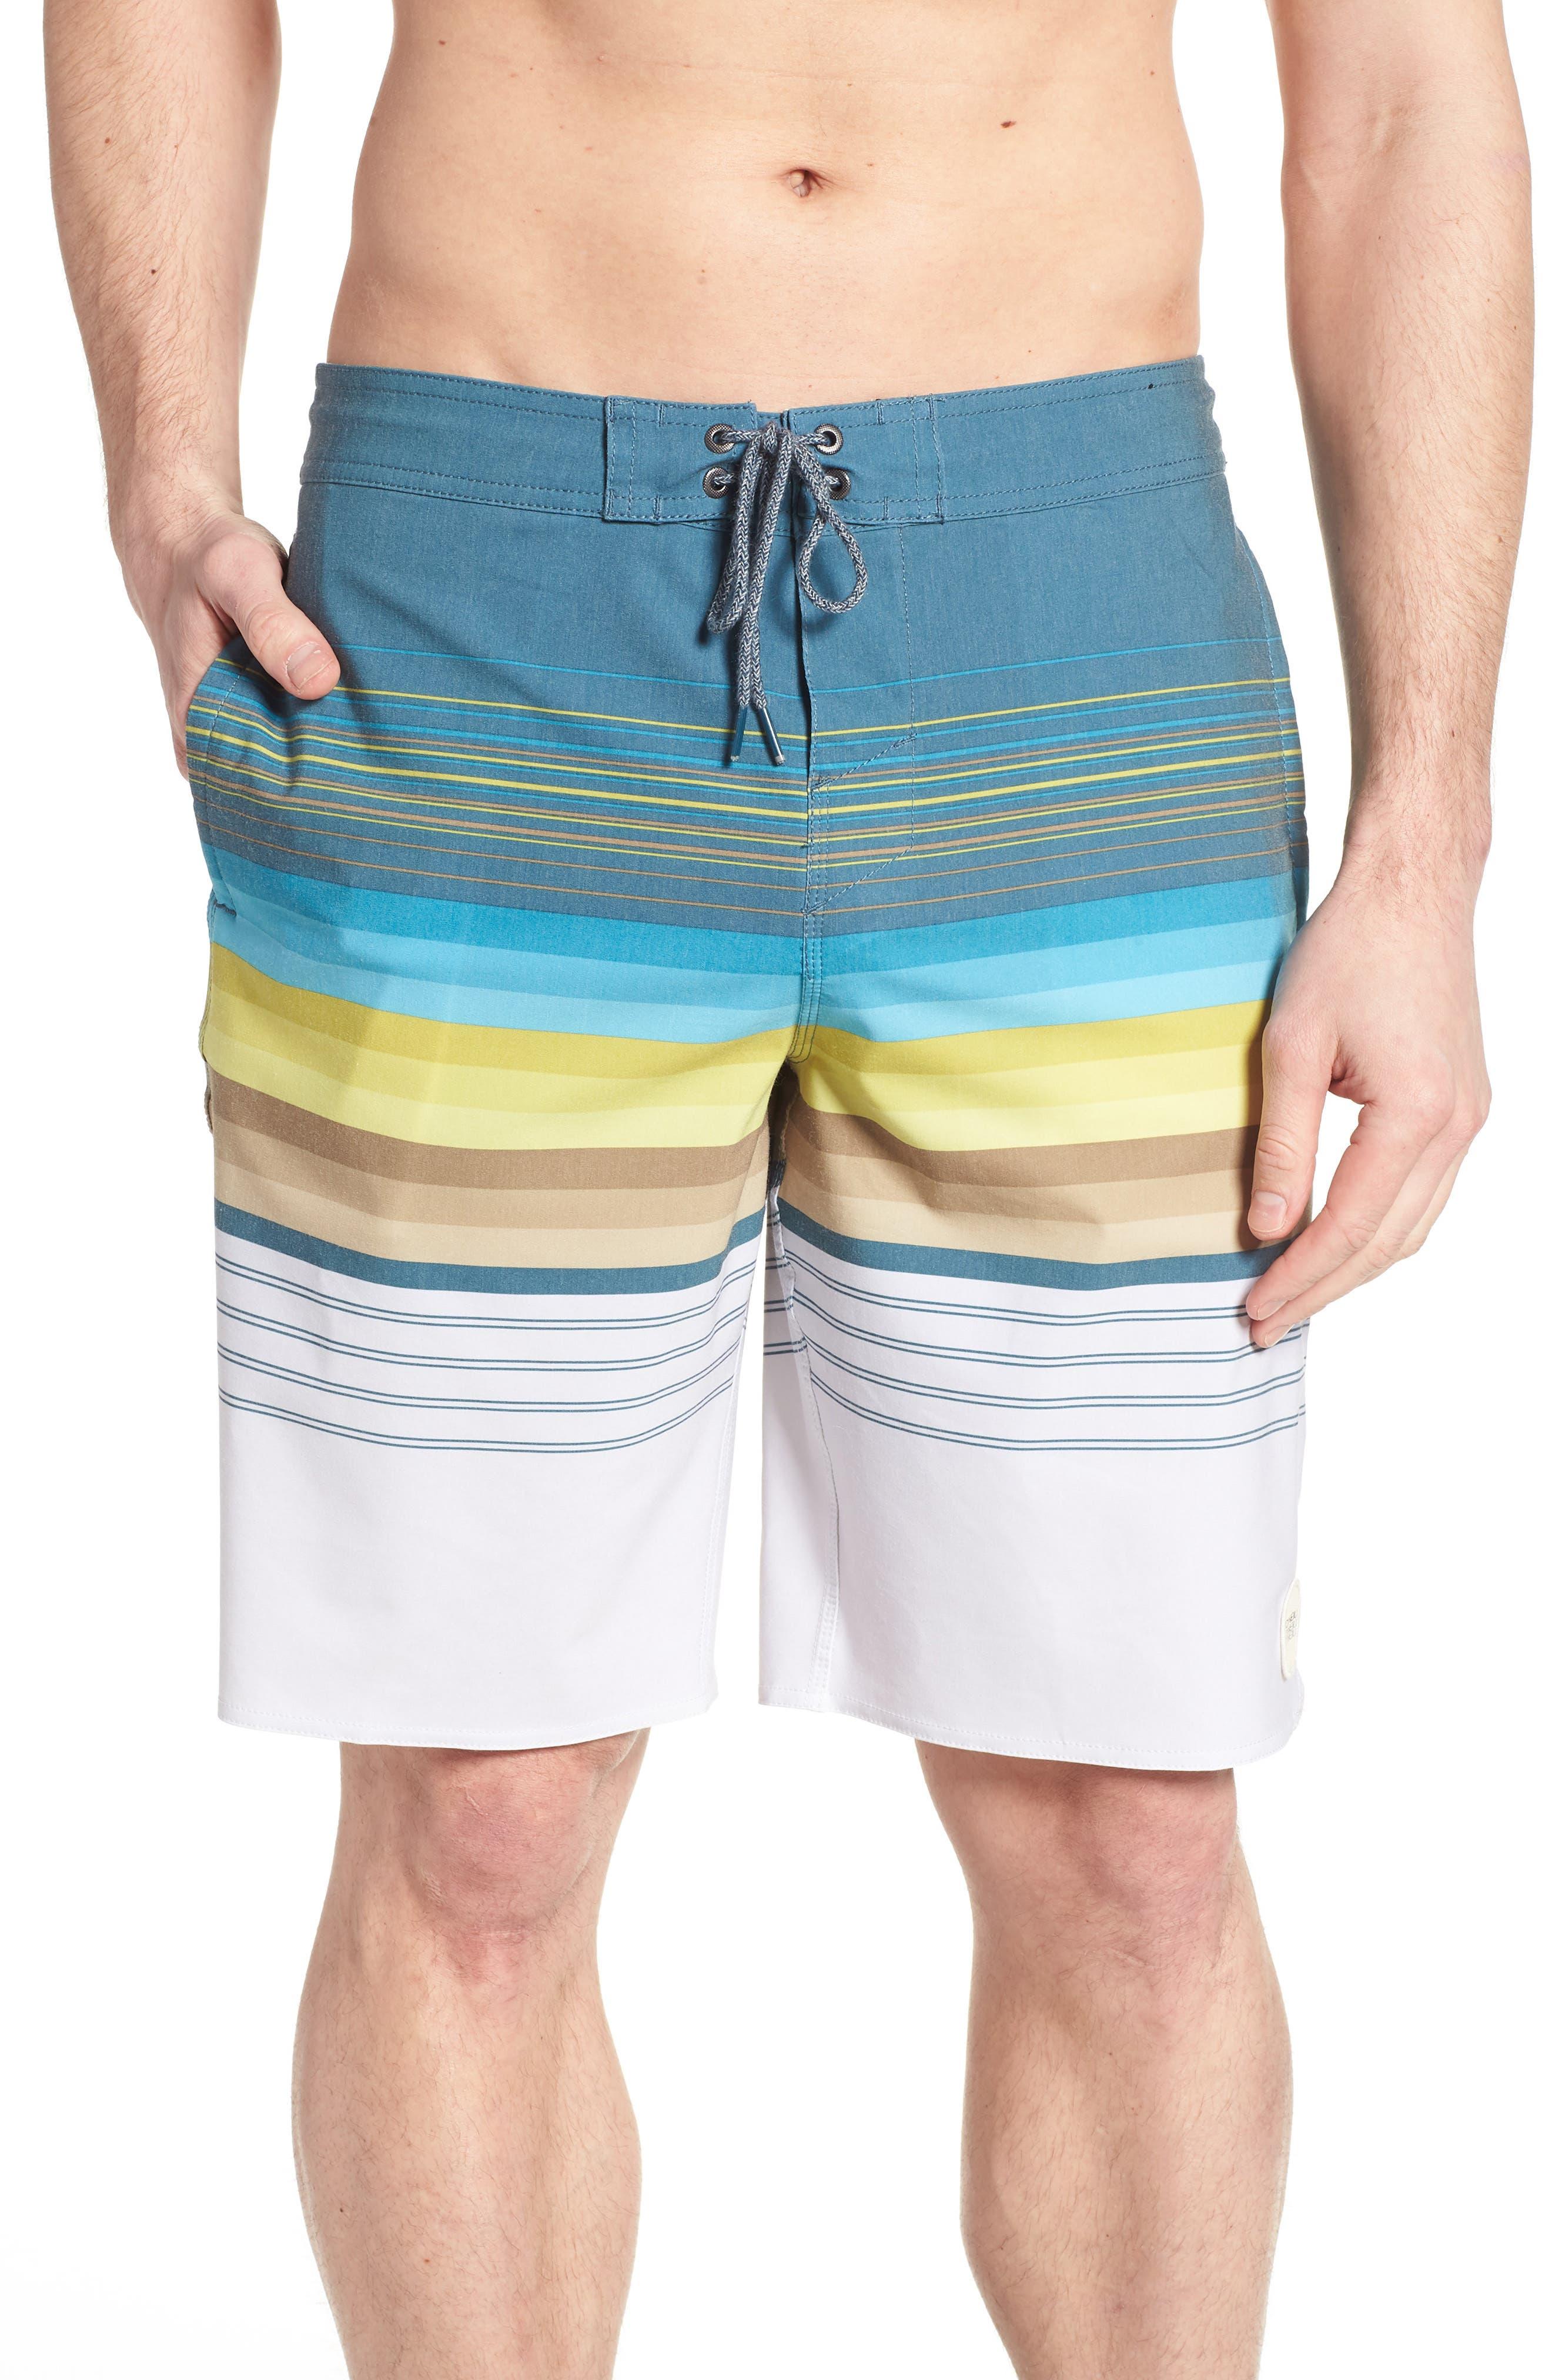 Sandbar Cruzer Board Shorts,                             Main thumbnail 1, color,                             Fog